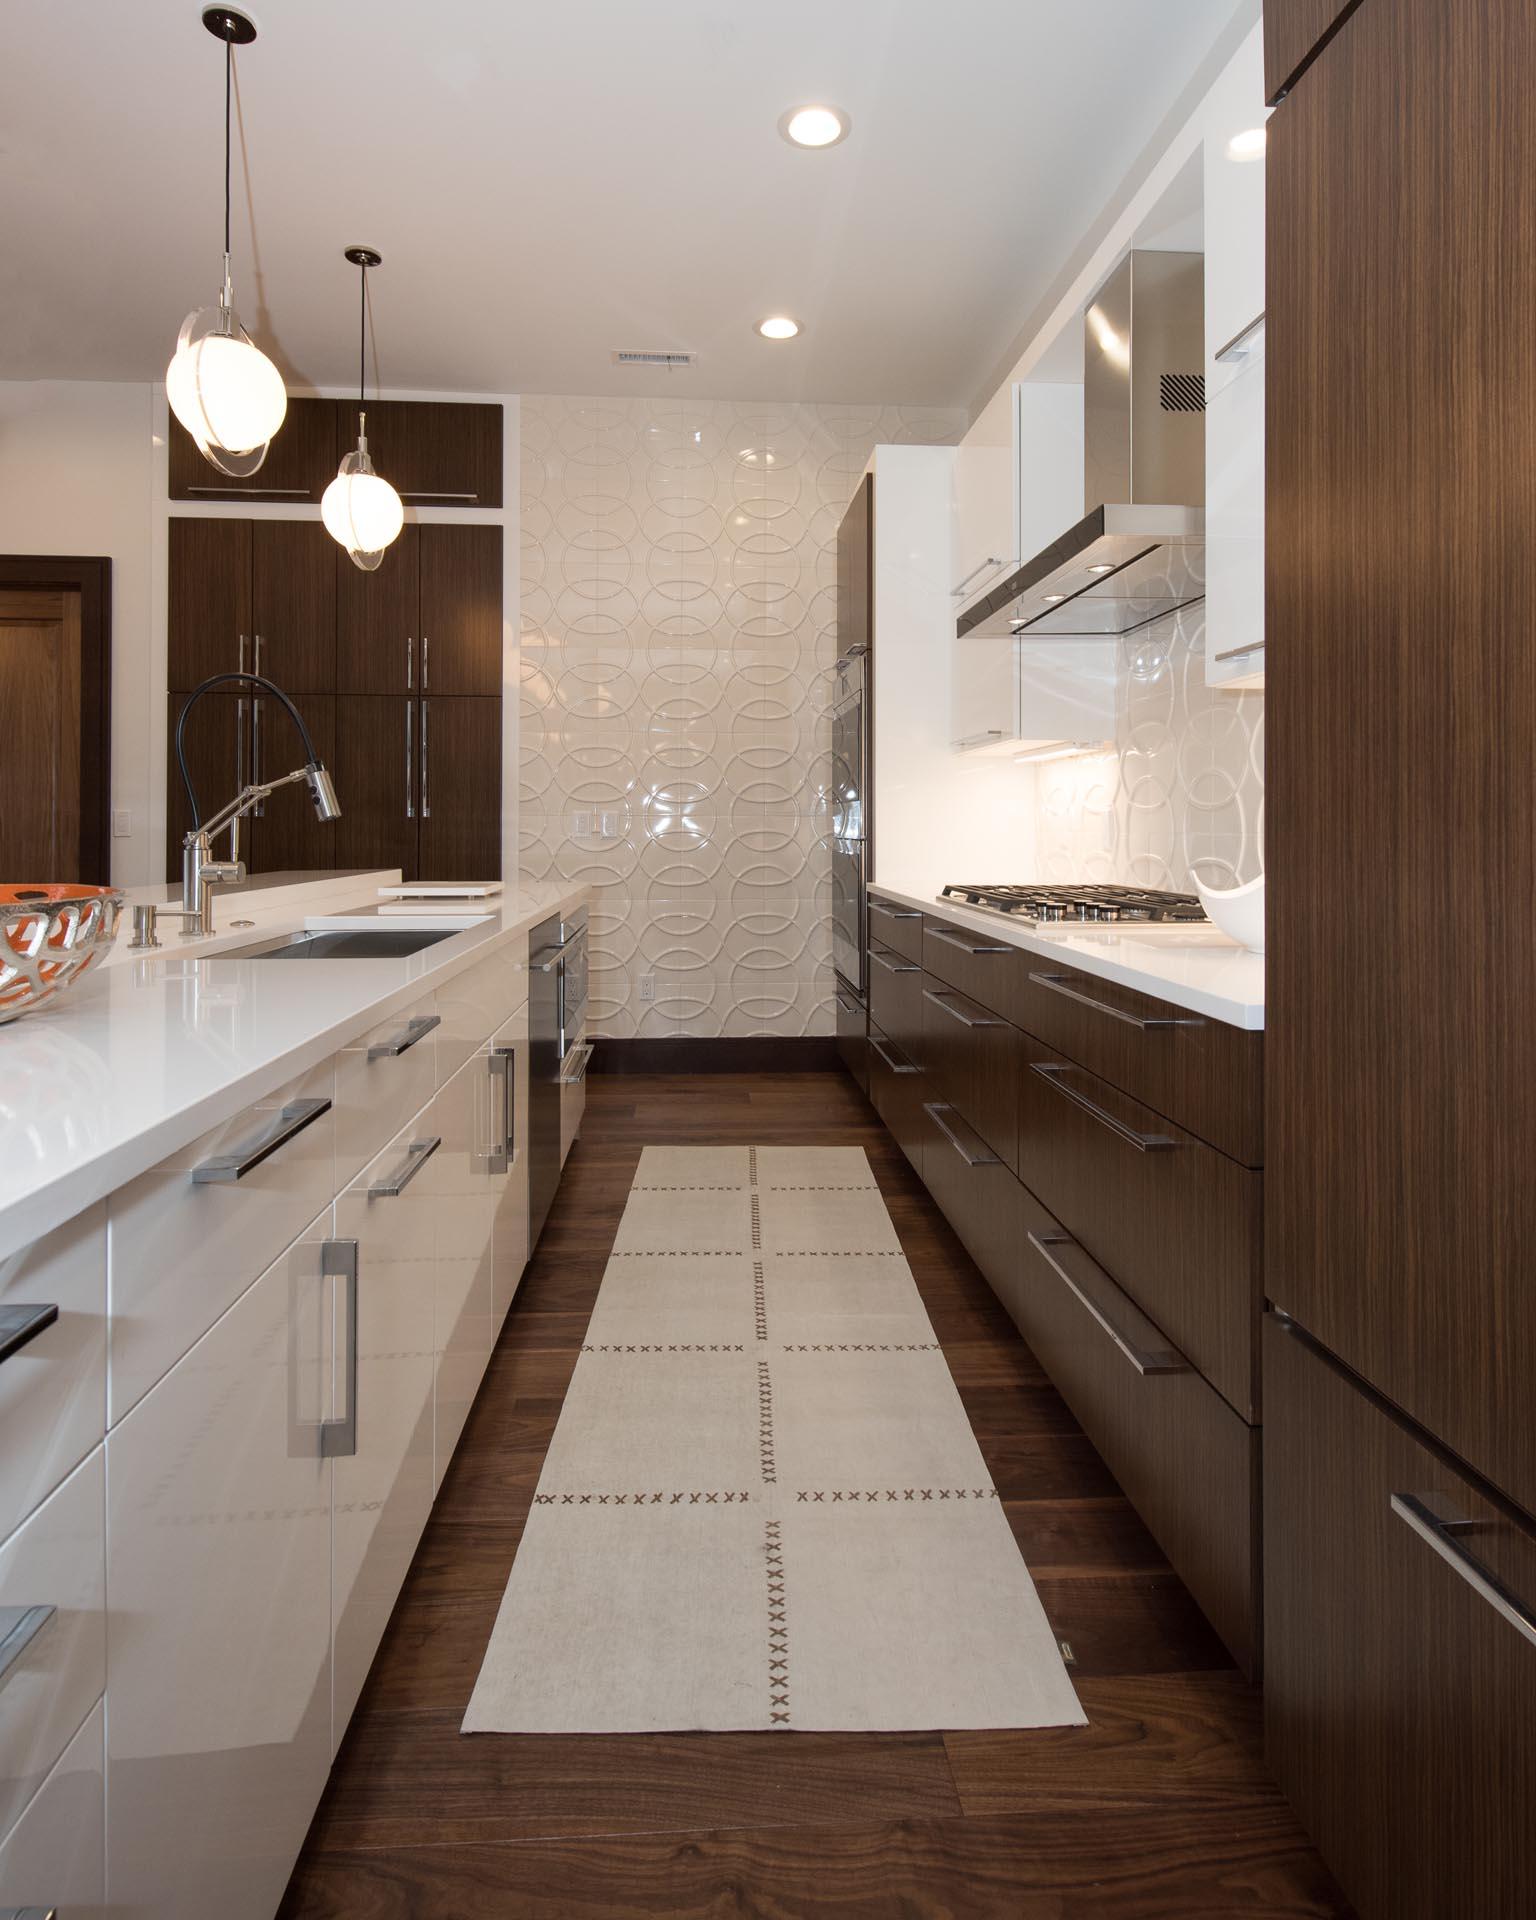 Mid-Century Modern Kitchen Design | H Residence | Midland, MI